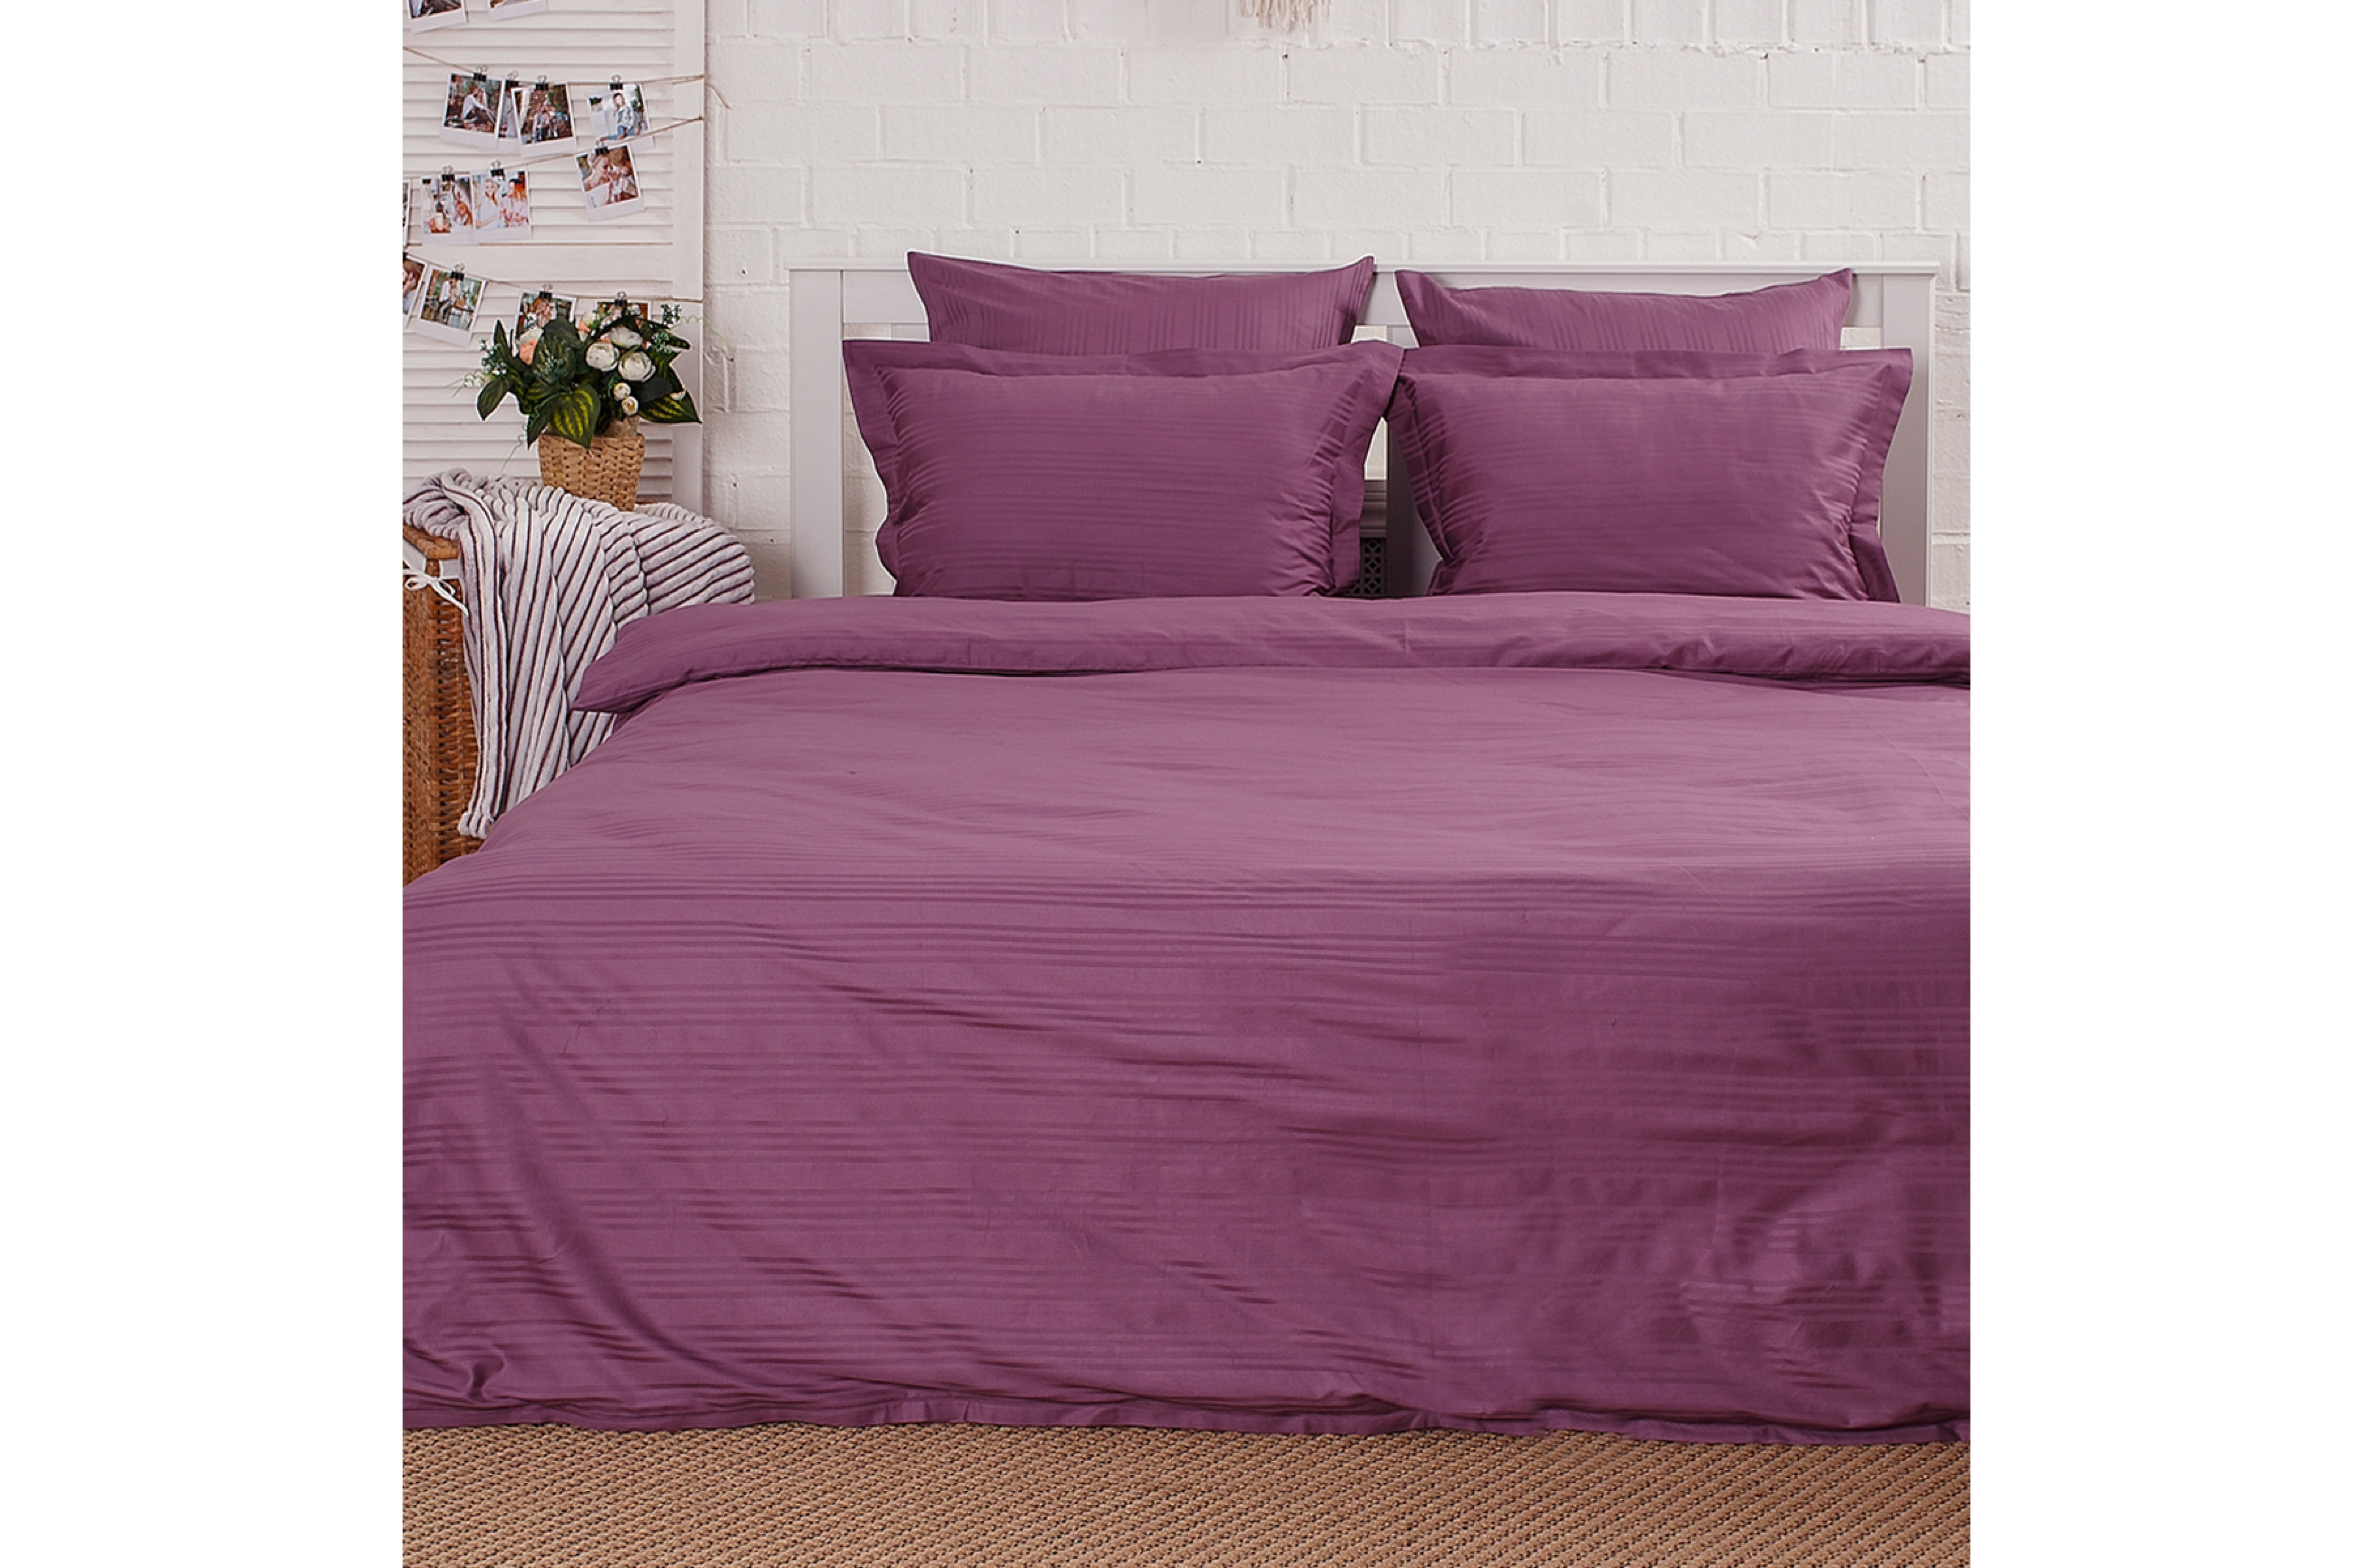 Постельное бельё Страйп-сатин   Пурпурный